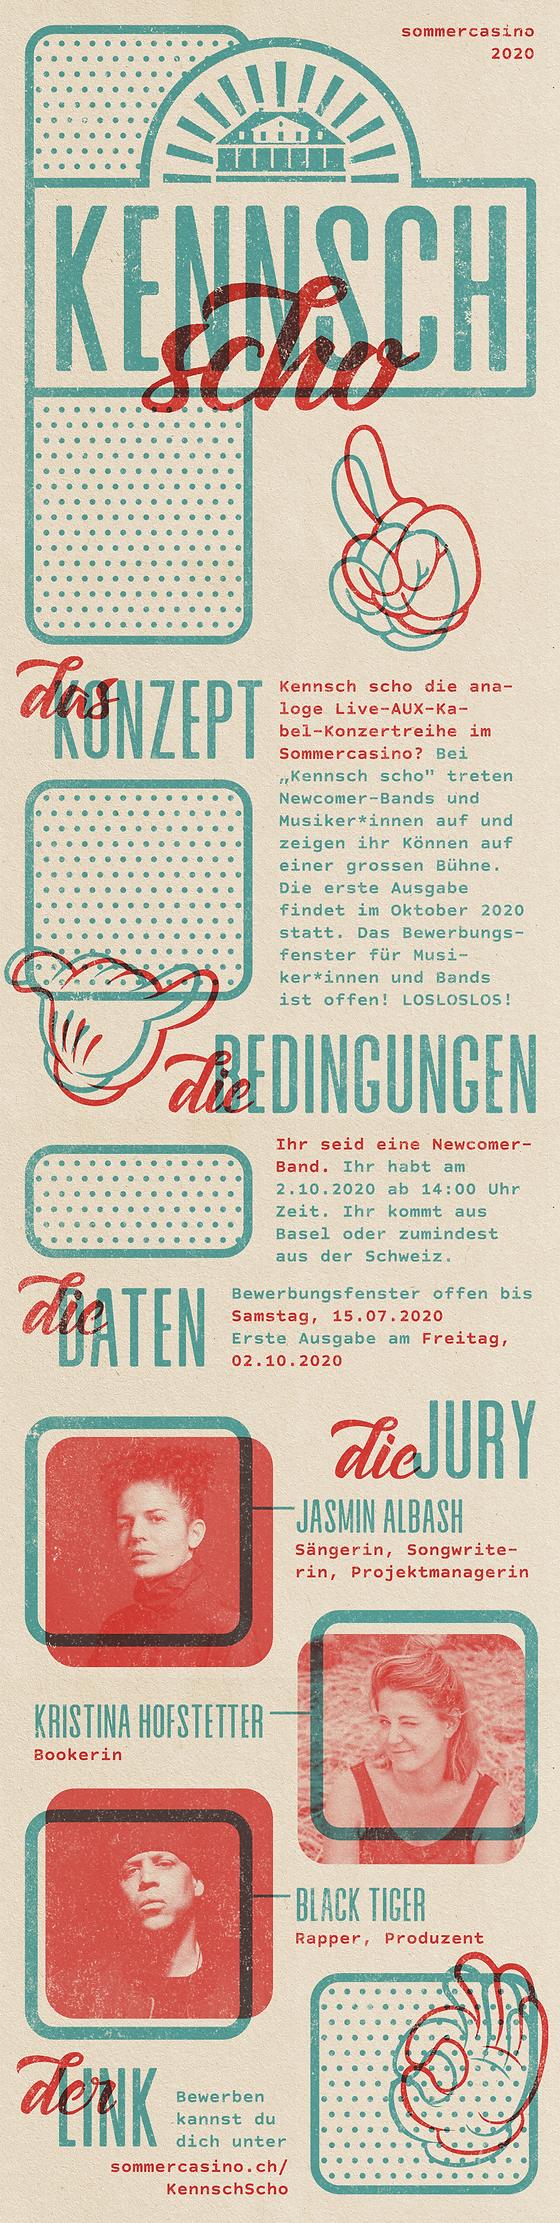 Kennsch-Scho_Flyer.png